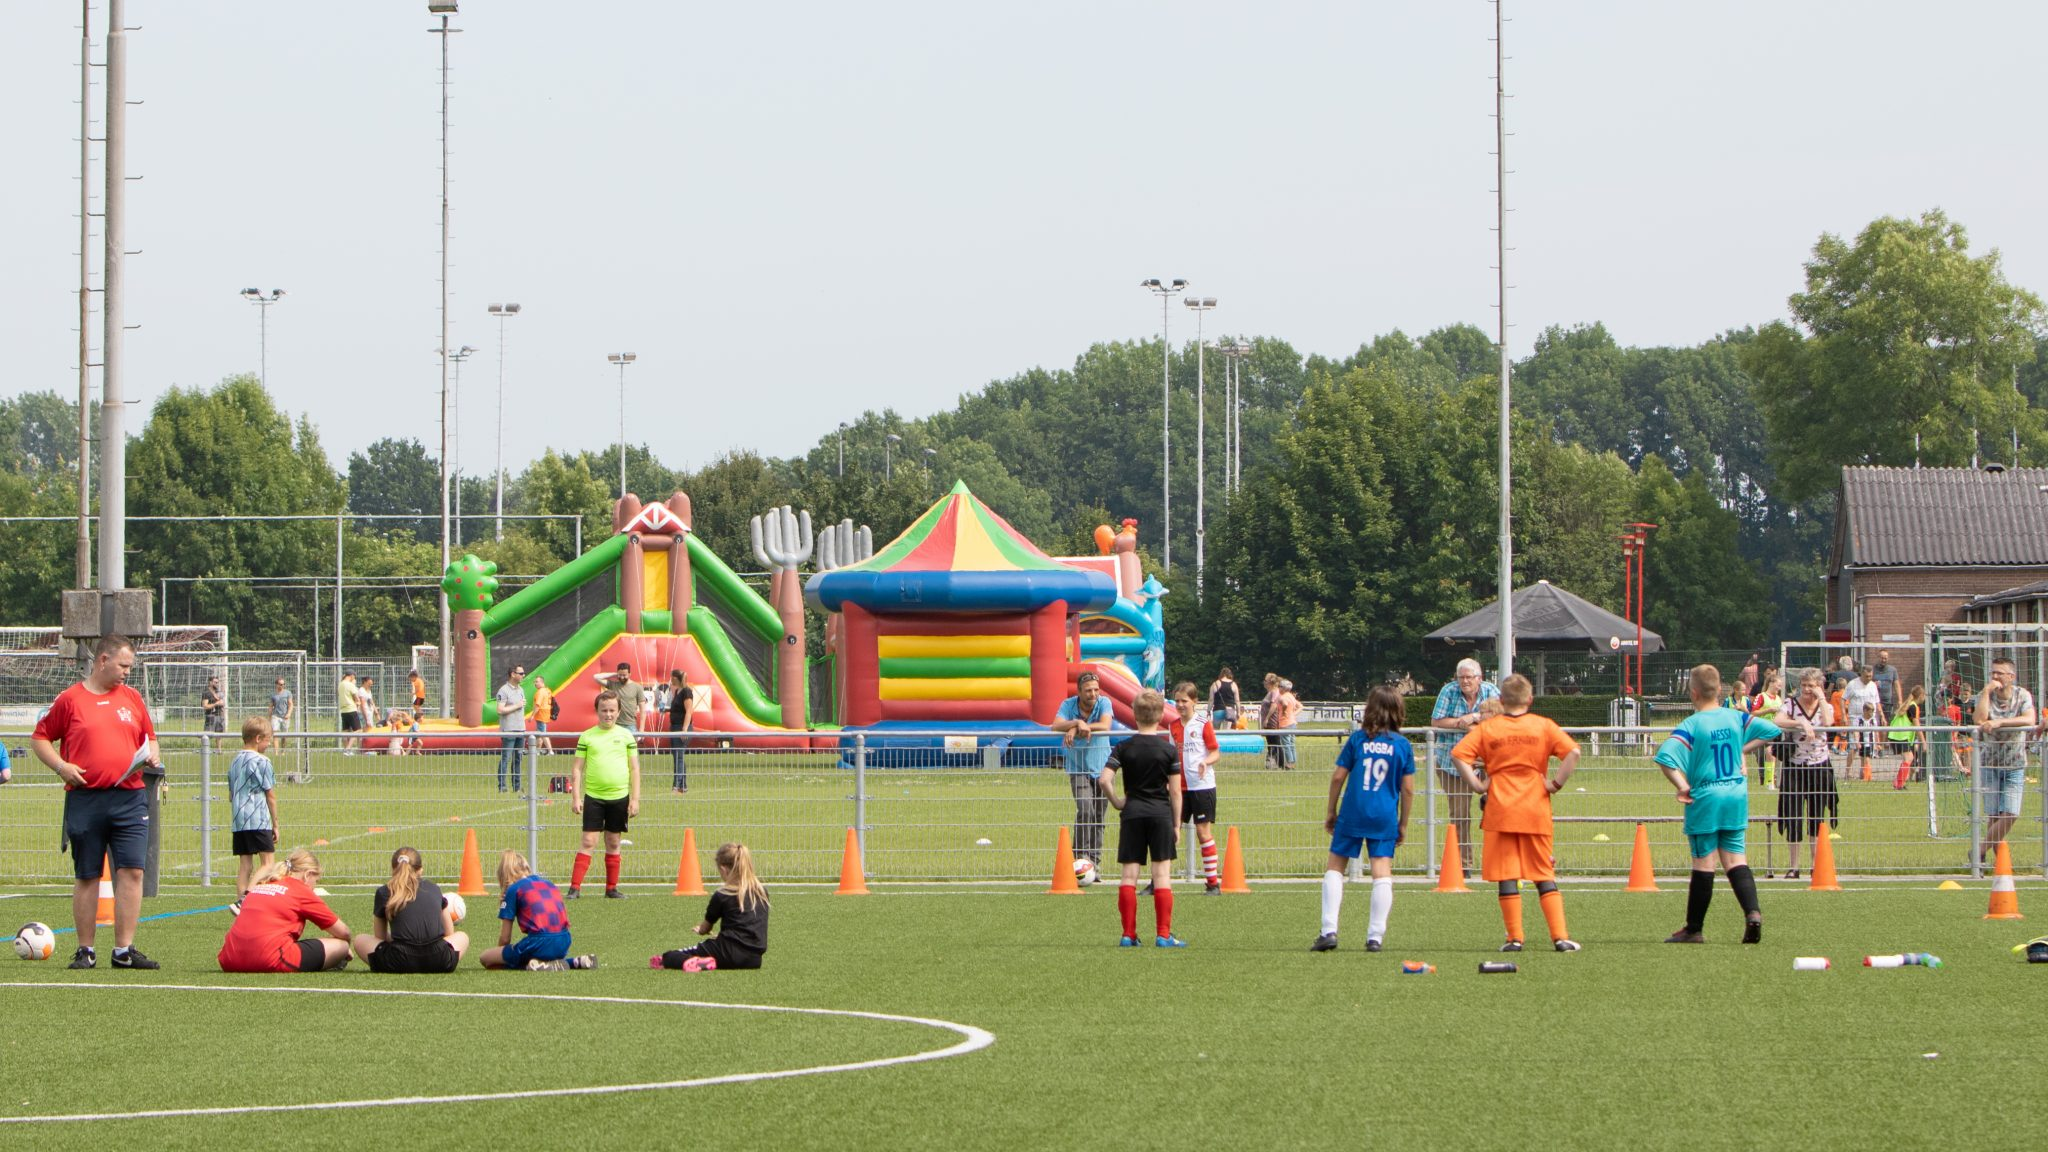 GVV KNVB Oranjefestival geslaagd